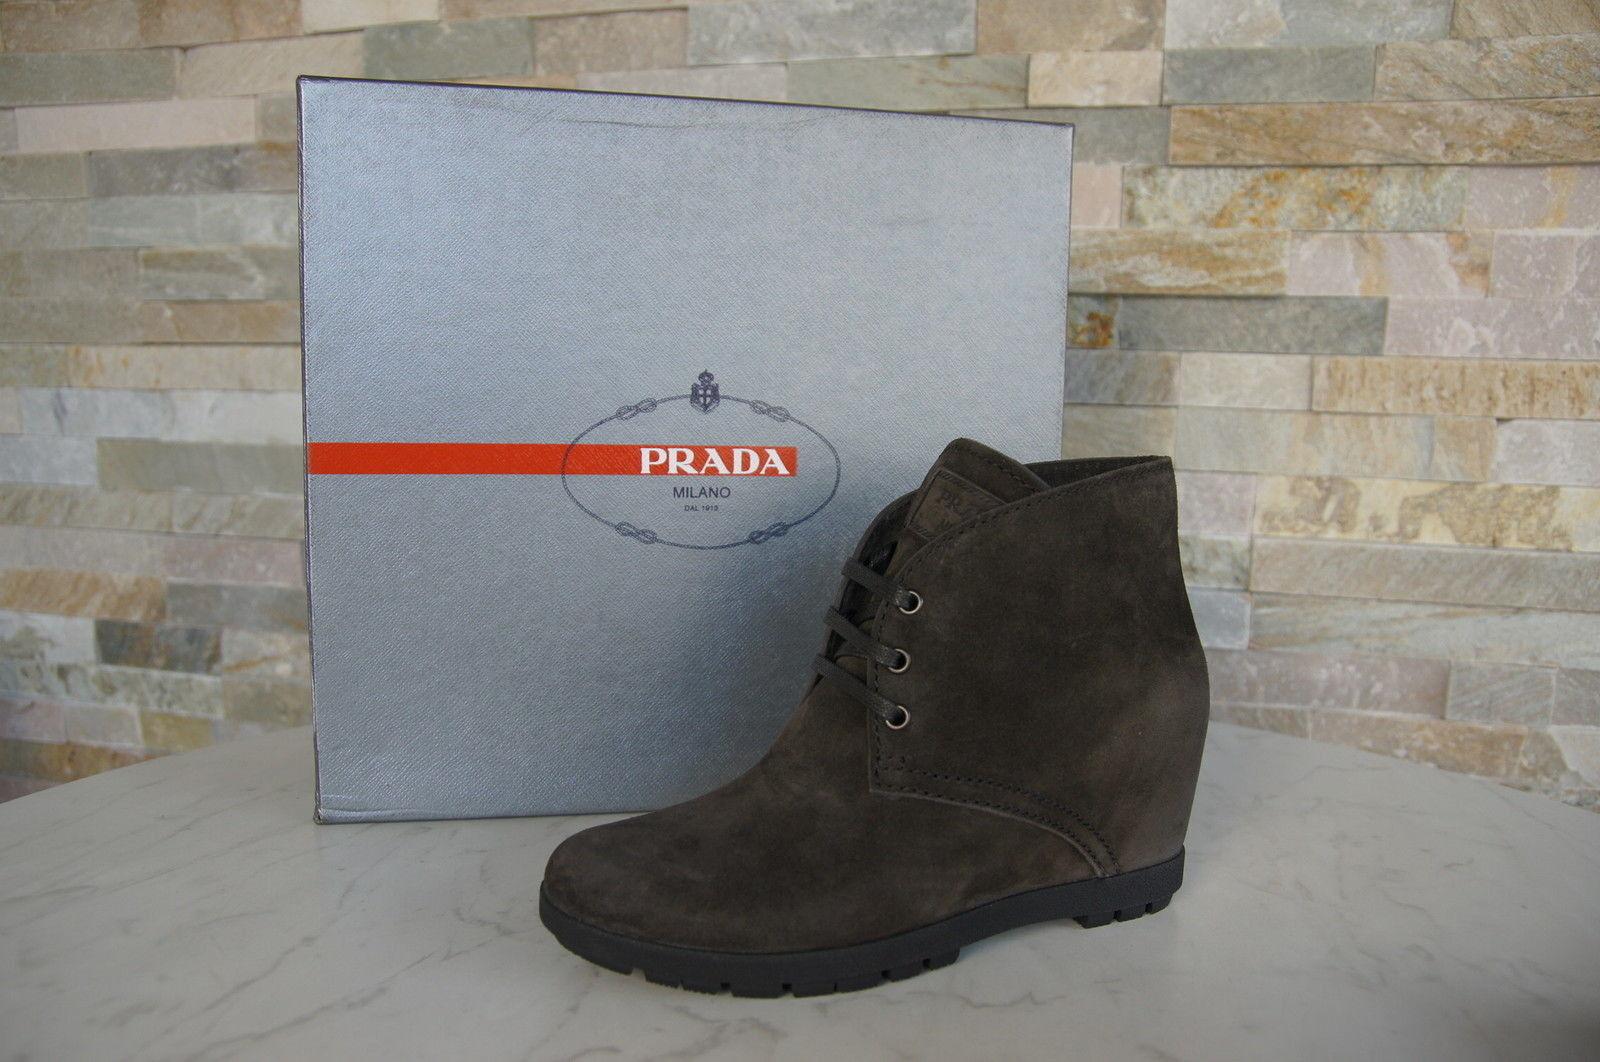 PRADA Gr 38 Stiefeletten Stiefelies Stiefelies Stiefelies Schuhe Schnürschuhe hämathit neu ehem   a34f47